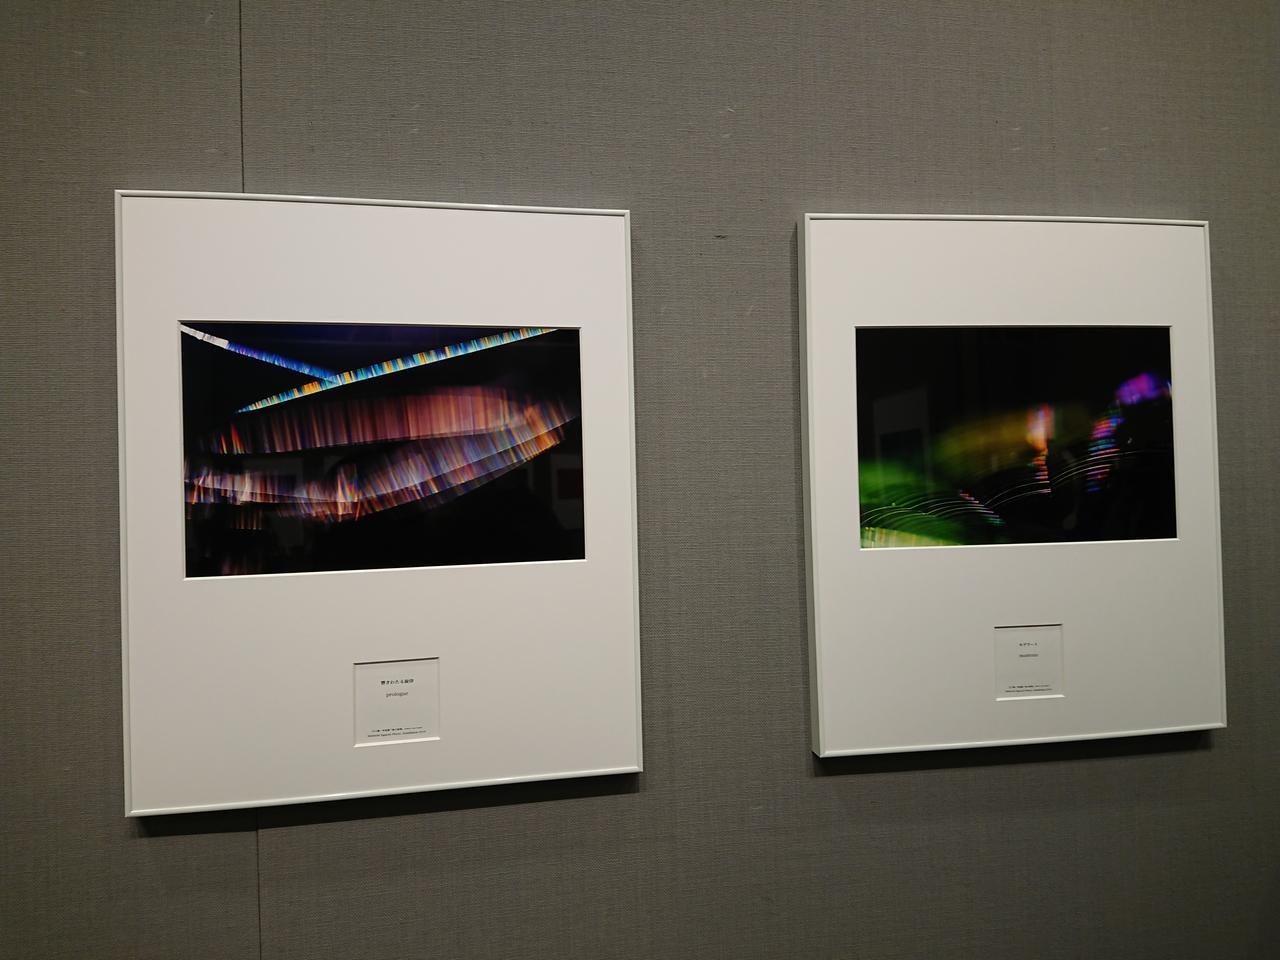 画像2: 江口慎一 写真展「風の詩集」 ●開催中~2019年2月21日(木) 於:富士フイルムフォトサロン 東京 スペース1